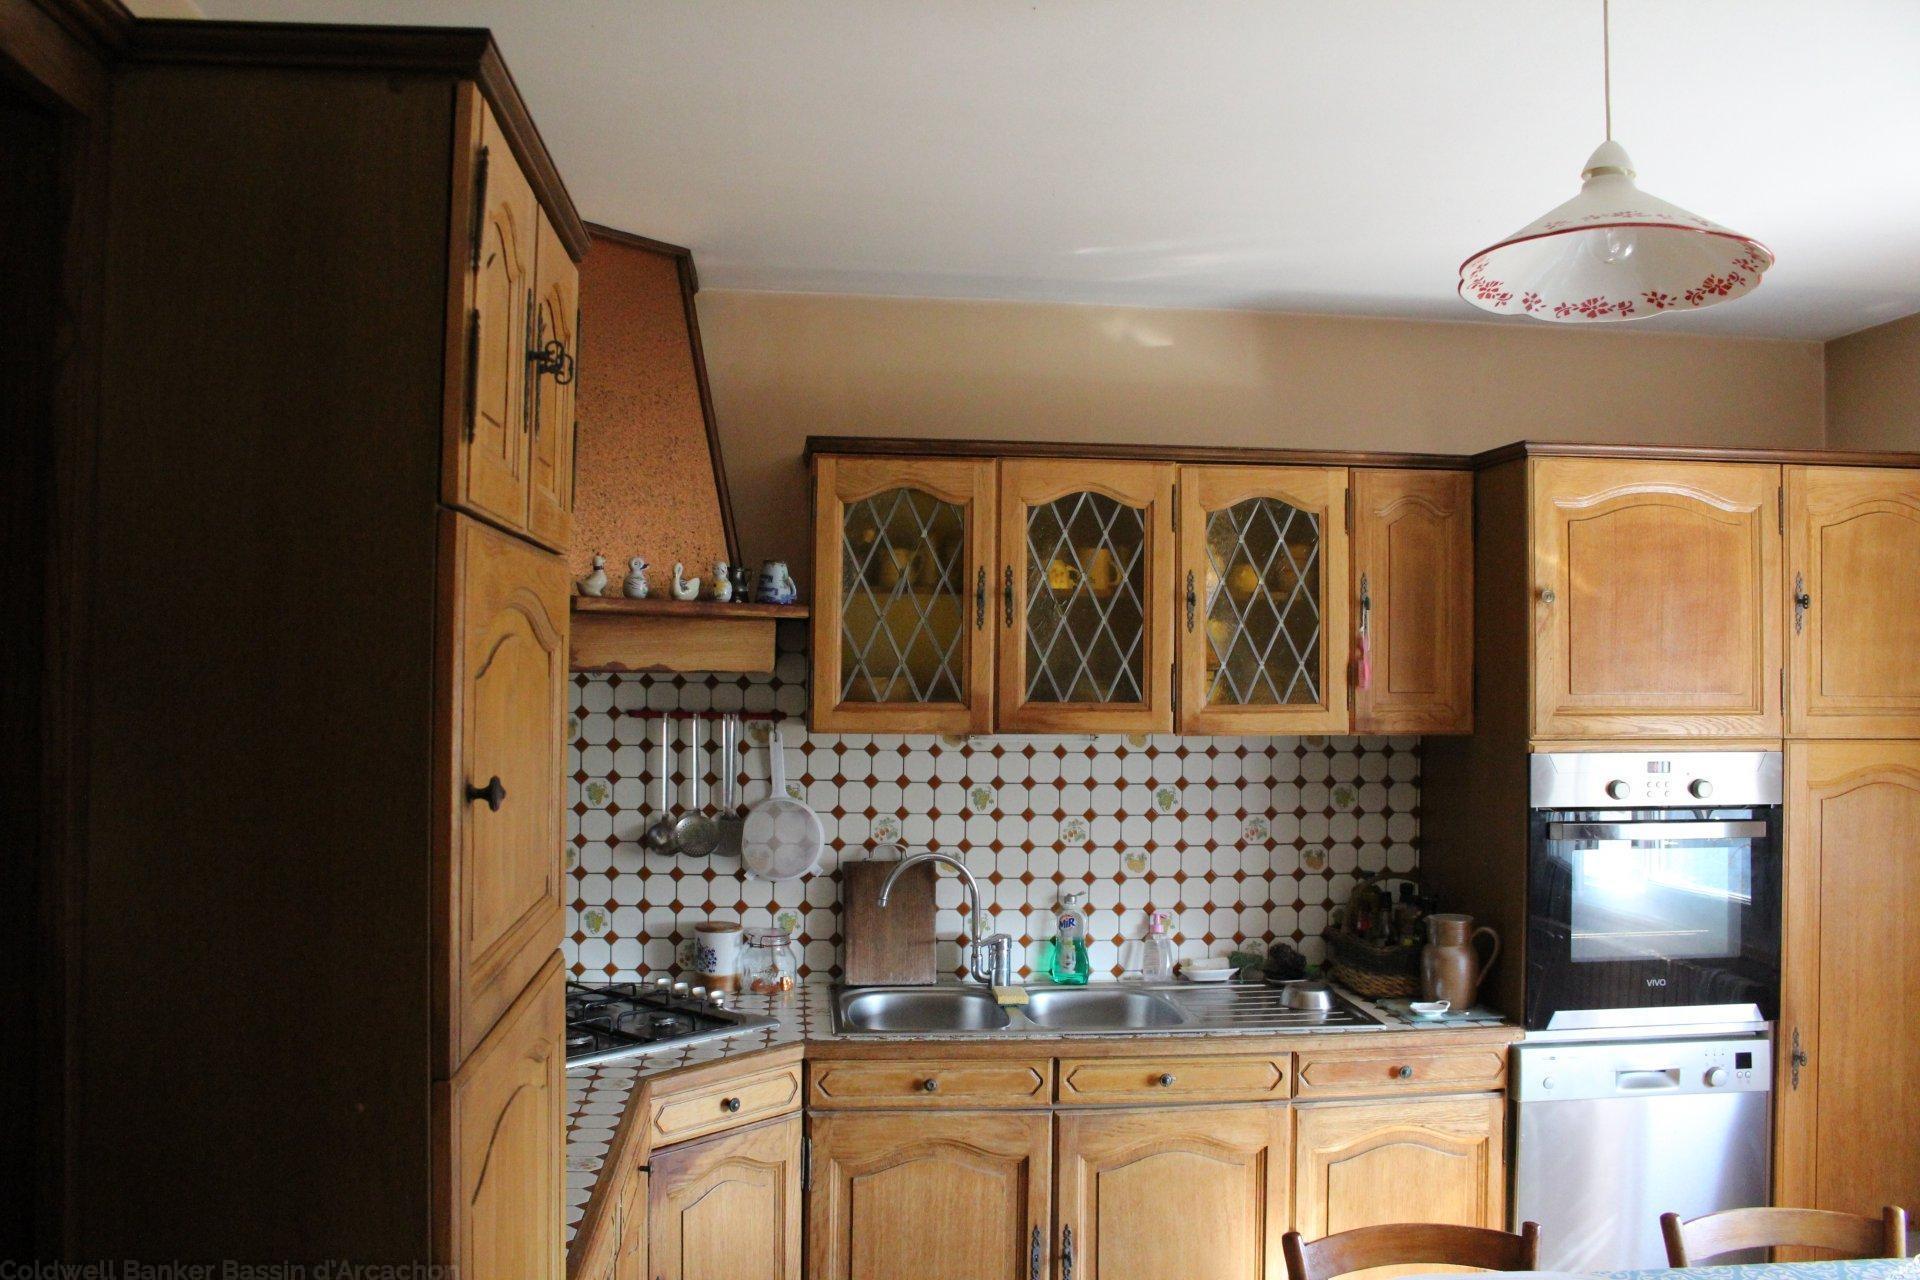 Recherche maison familiale 5 chambres plus de 150 m2 bassin d'arcachon